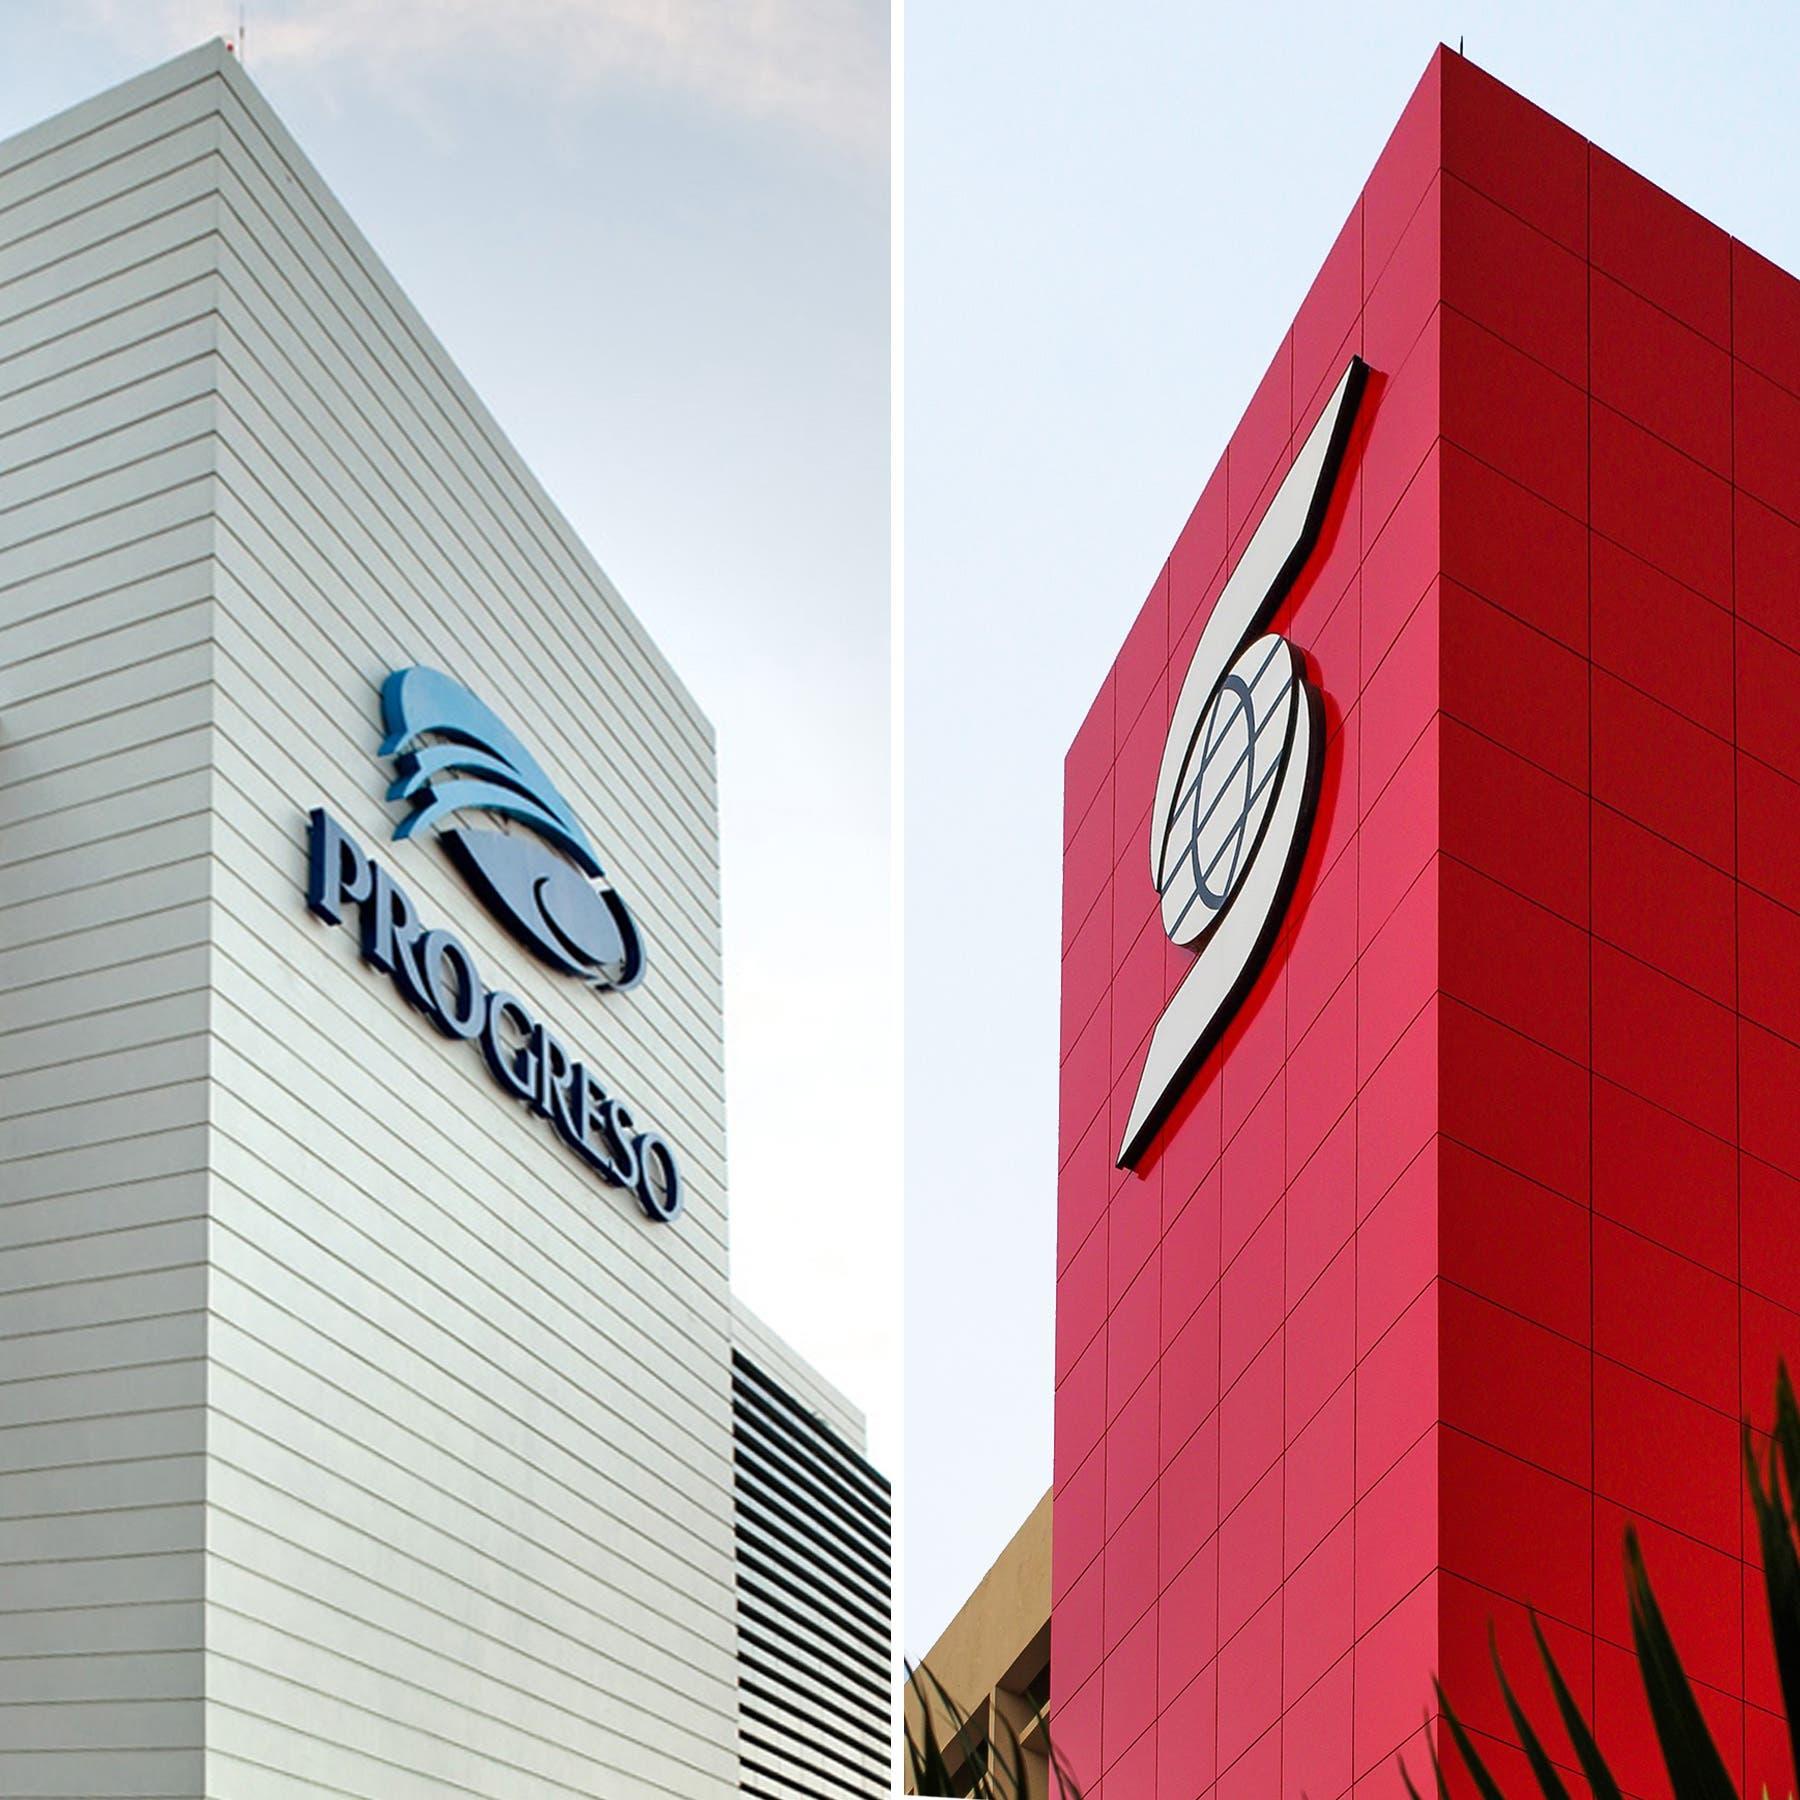 En agosto de 2018, Scotiabank anunció un acuerdo para adquirir la participación mayoritaria del Banco Dominicano del Progreso, con lo cual alcanzará un cuarto lugar en términos de activos en la banca múltiple y un tercer lugar en tarjetas de crédito con un 17% de participación de mercado, duplicando su cartera de clientes.